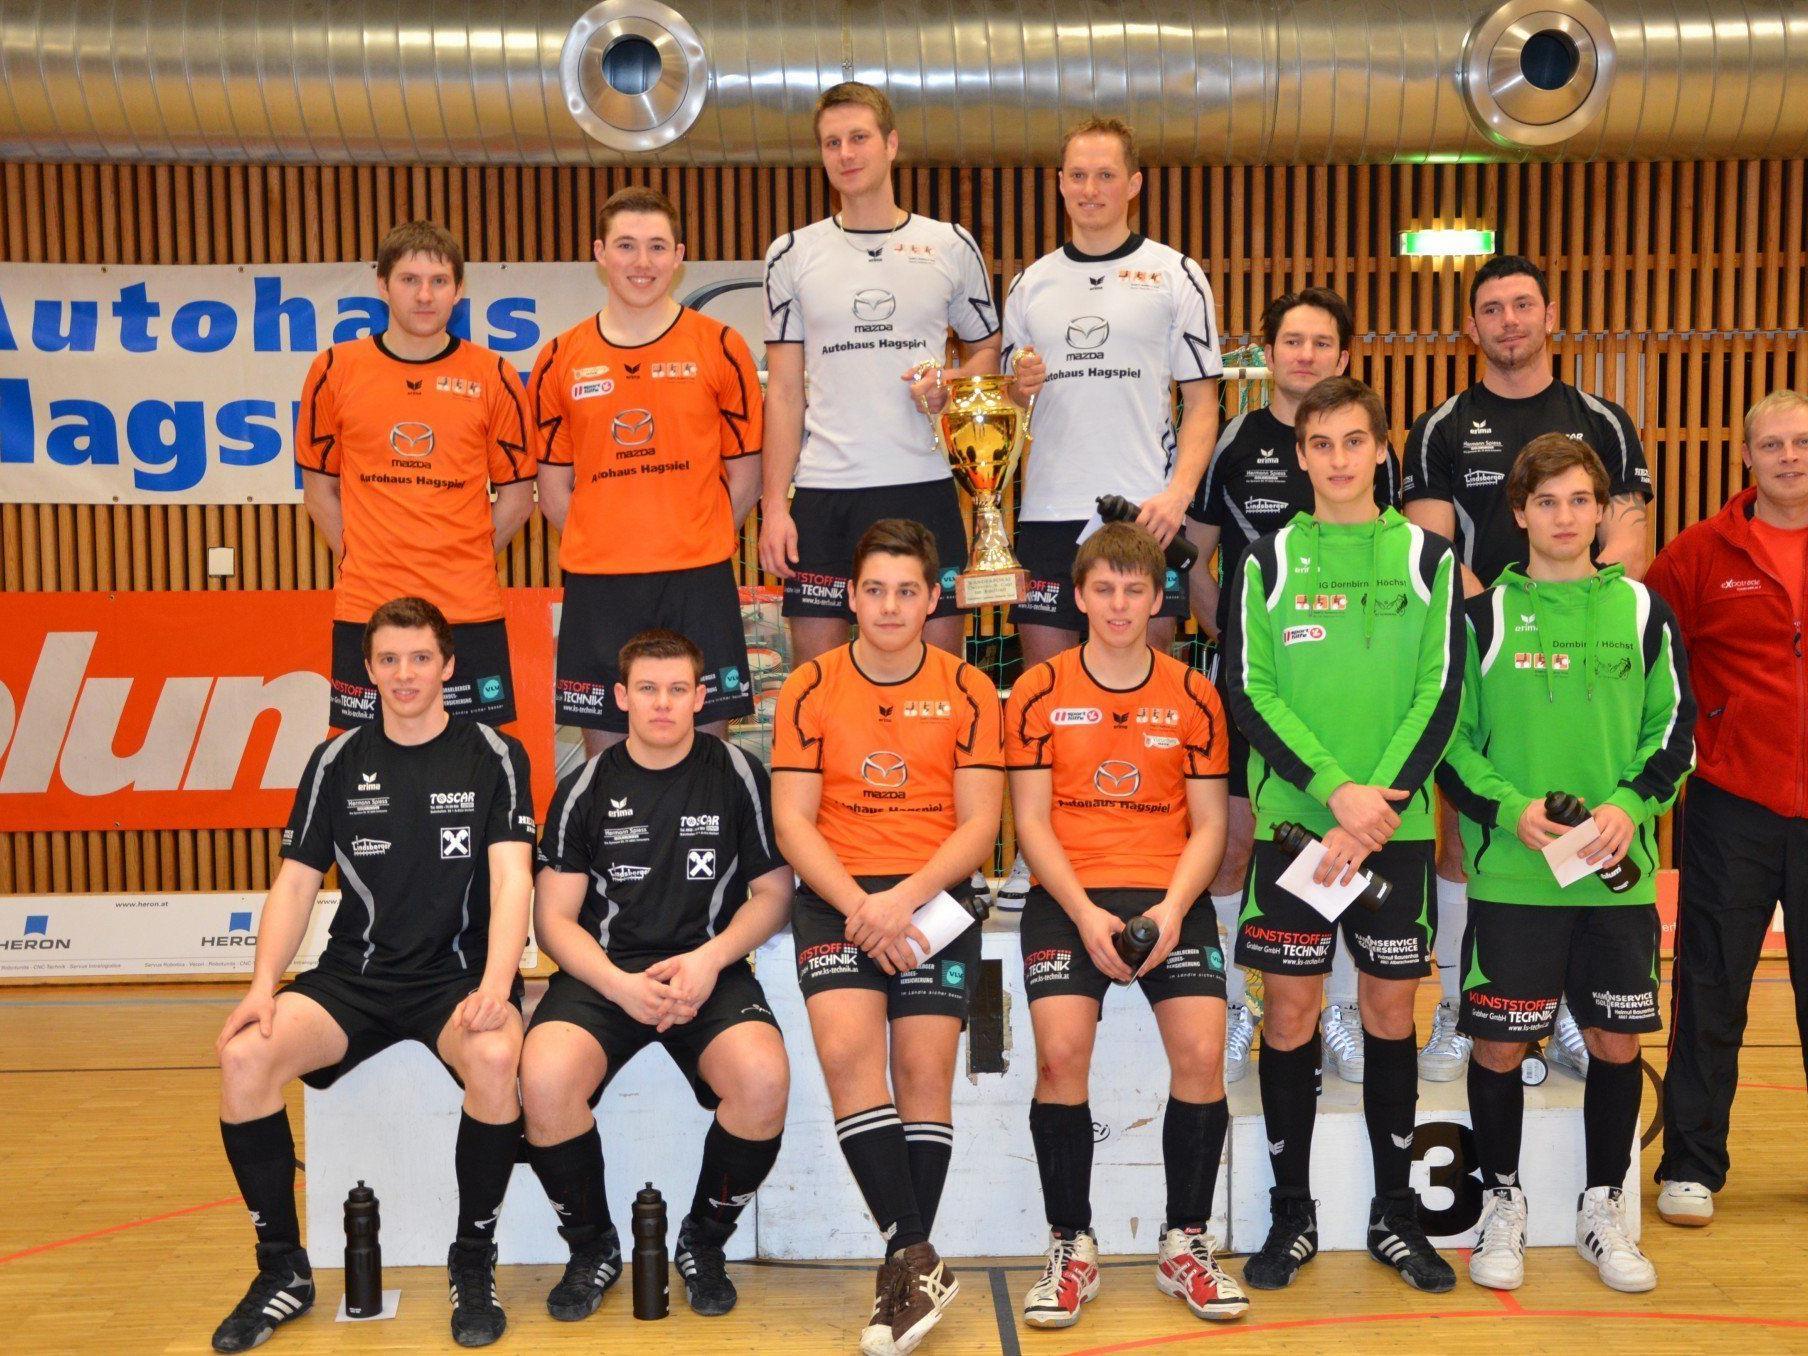 Alle Sieger beim Ö-Cup Finale der Radballer in Höchst.